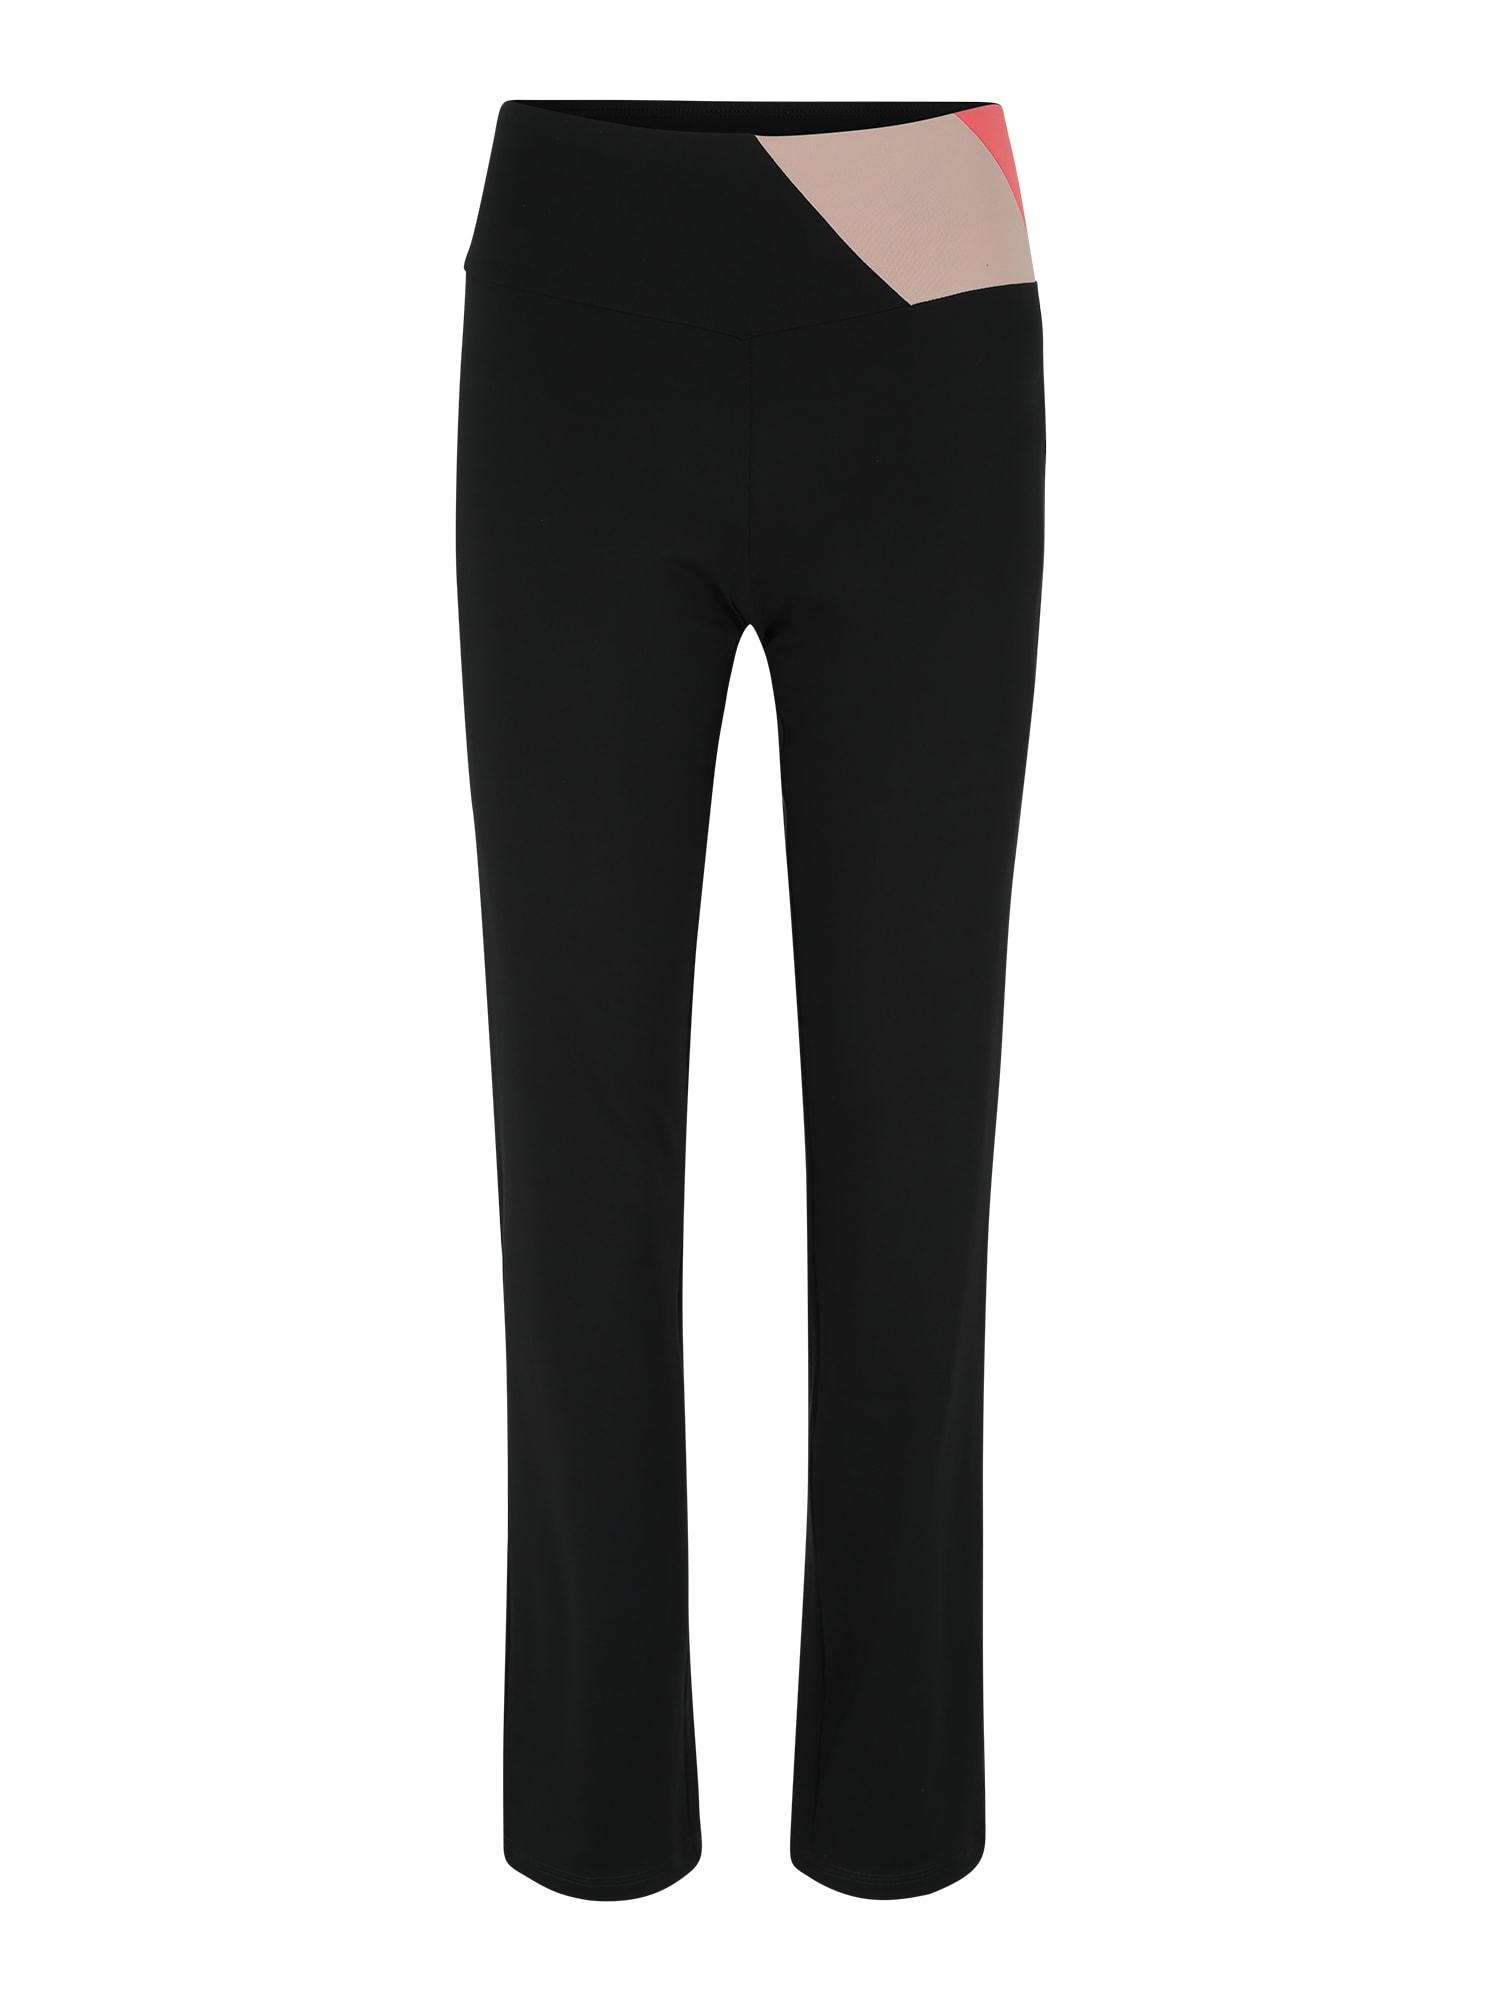 Sportovní kalhoty Edry SL korálová černá ESPRIT SPORTS